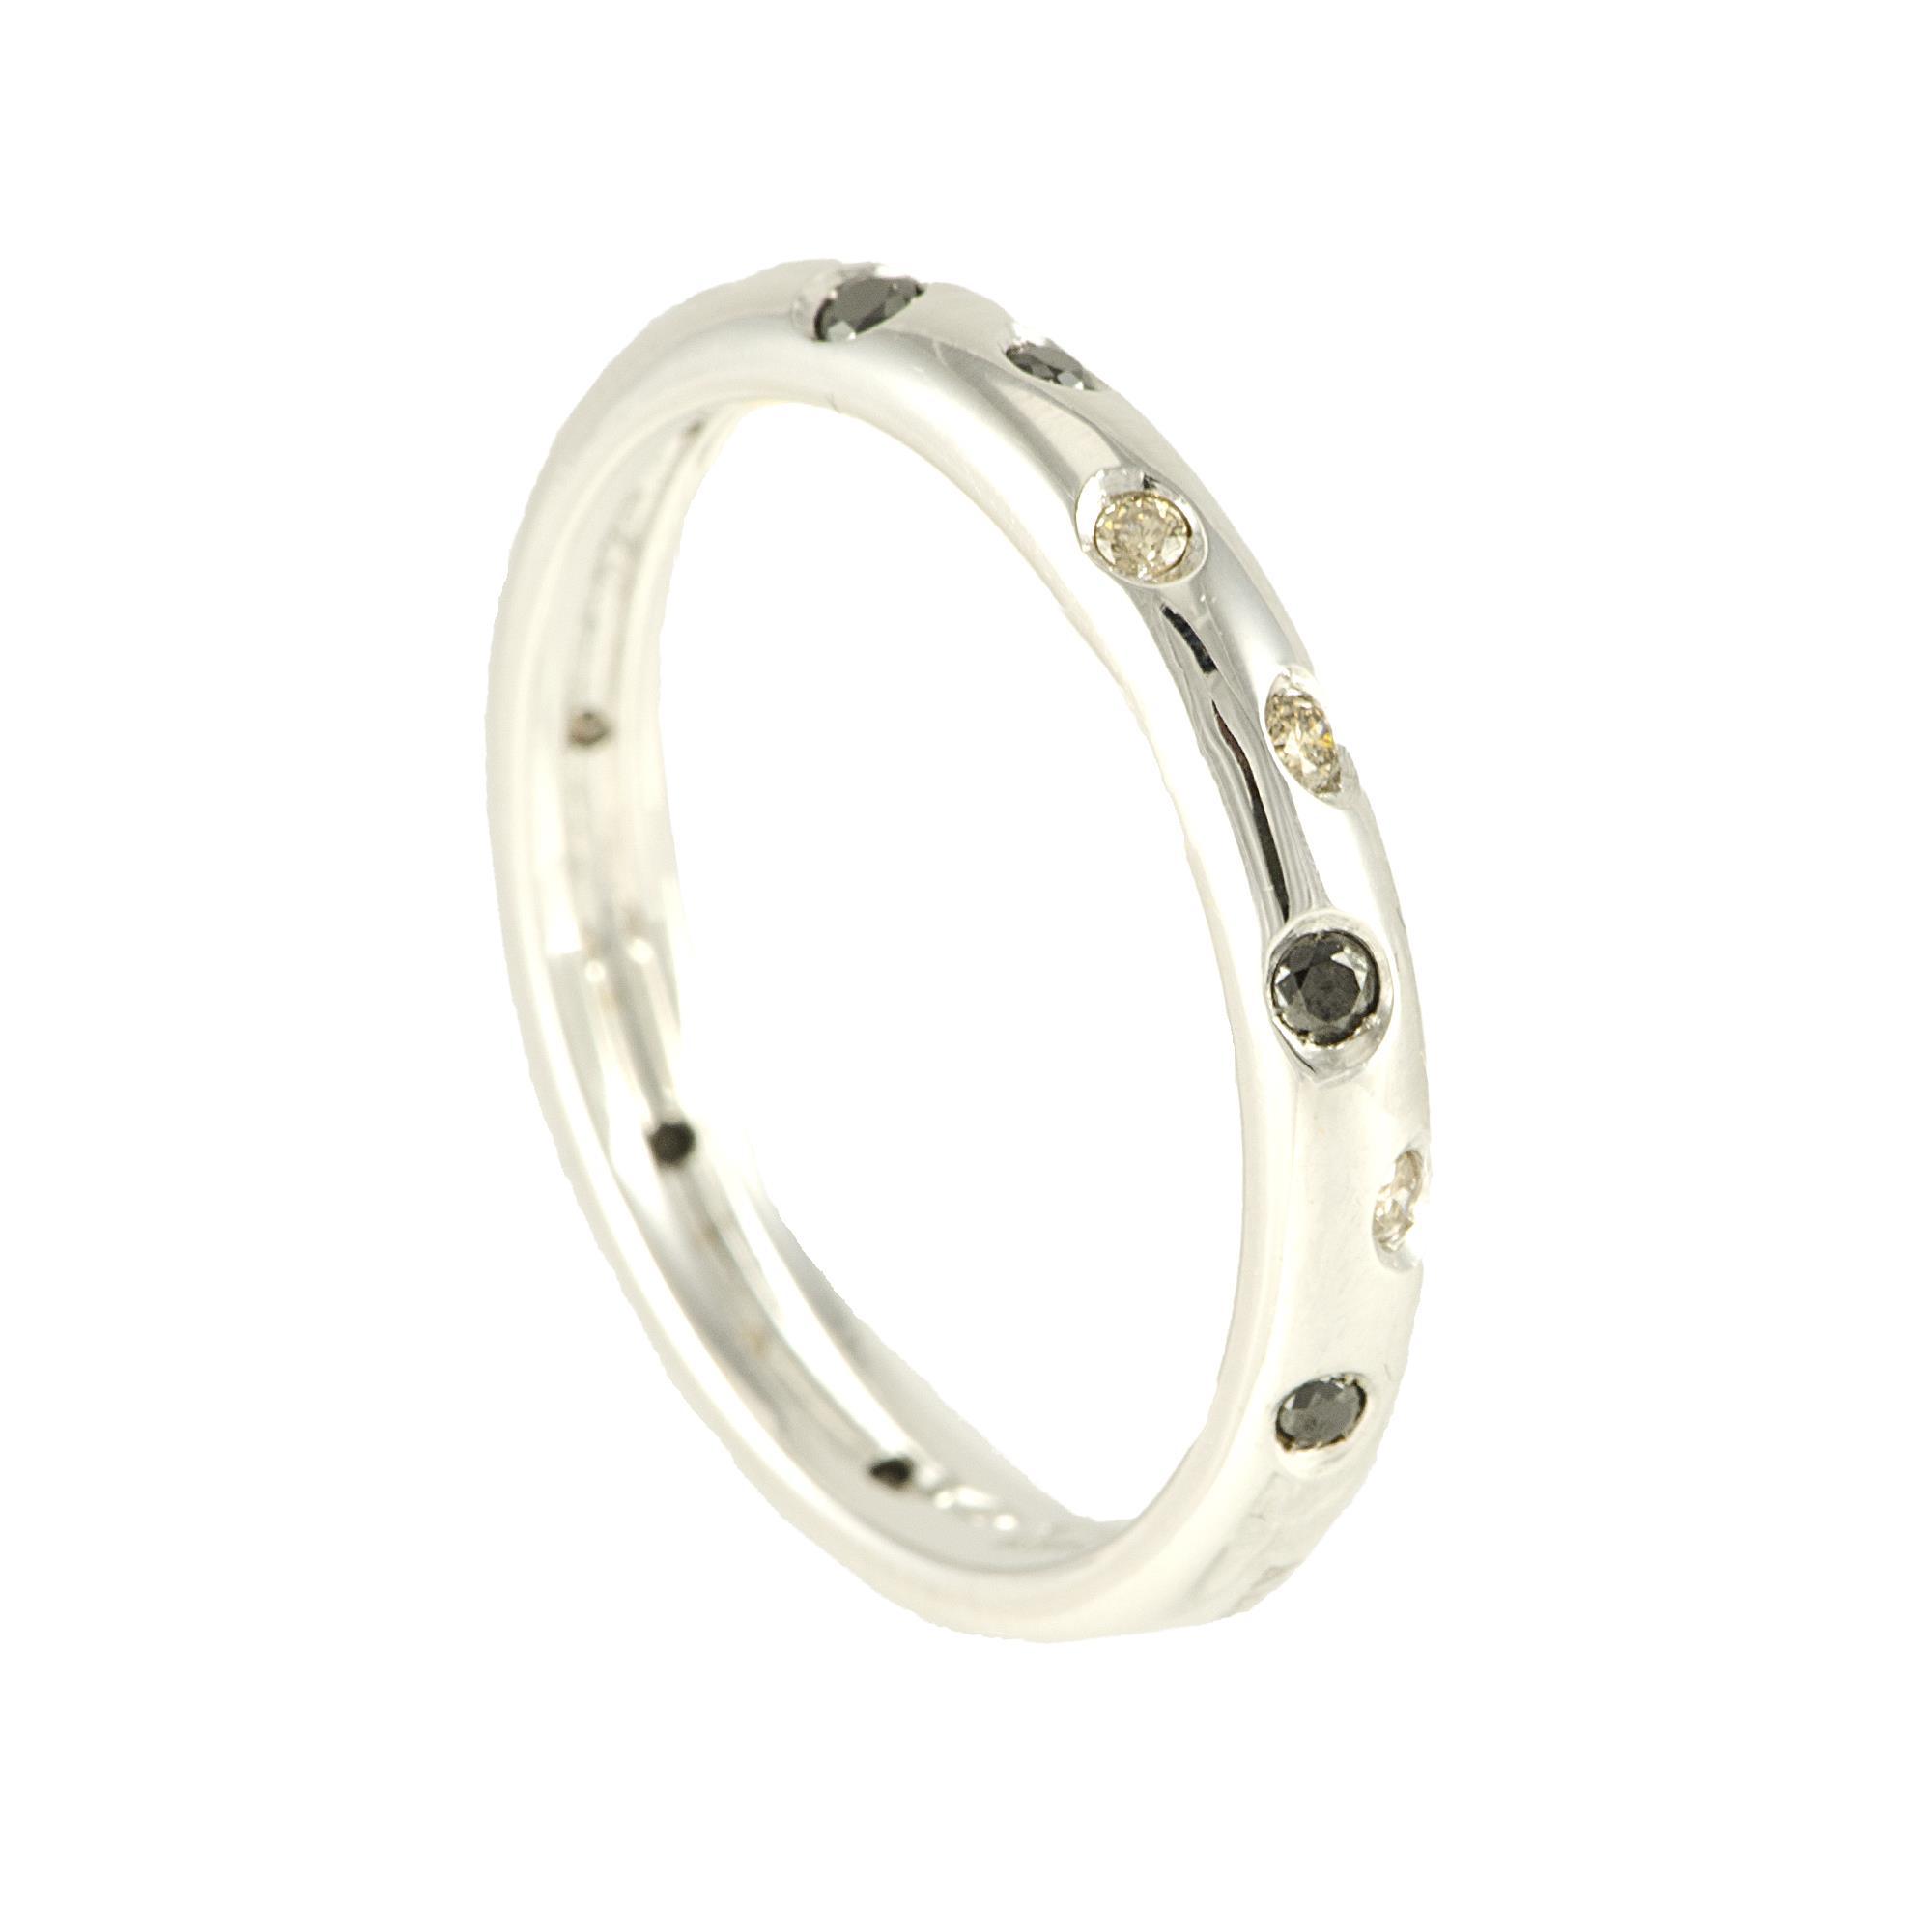 Anello fedina in oro bianco con diamanti neri e marroni mis 14 - ALFIERI ST JOHN